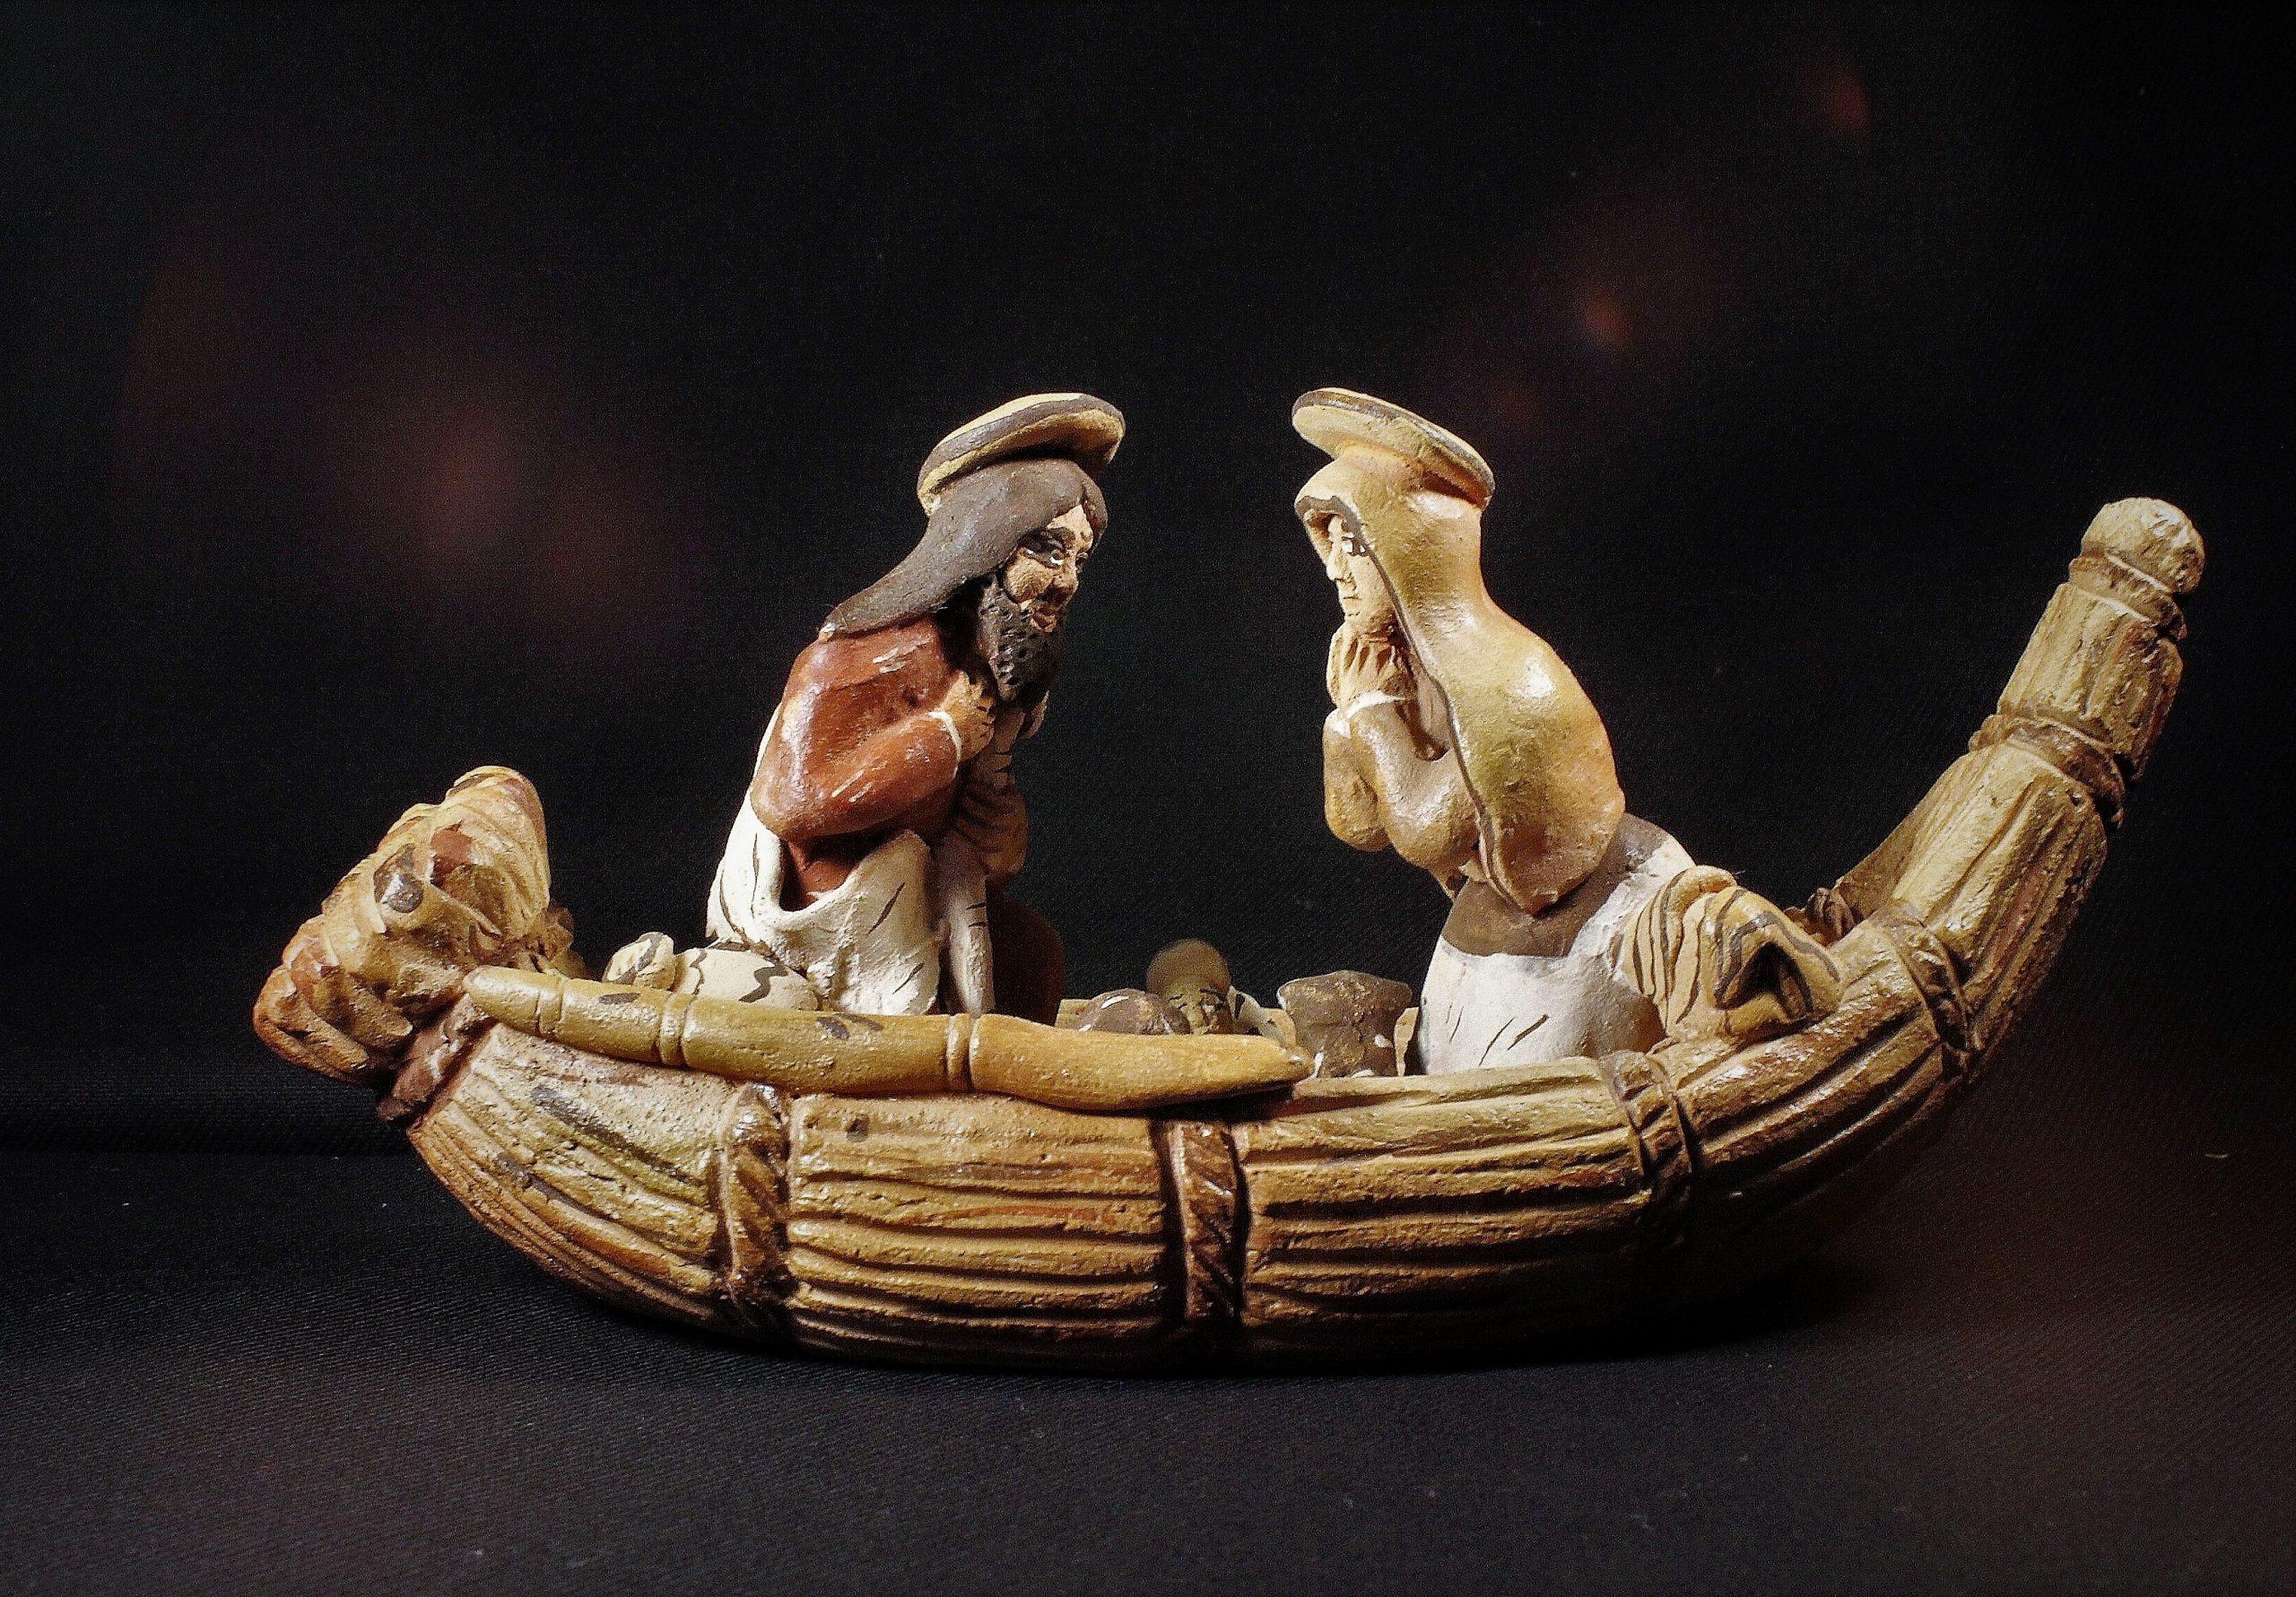 Peruanische Weihnachtskrippe, Krippensammlung, Museum Burg Posterstein